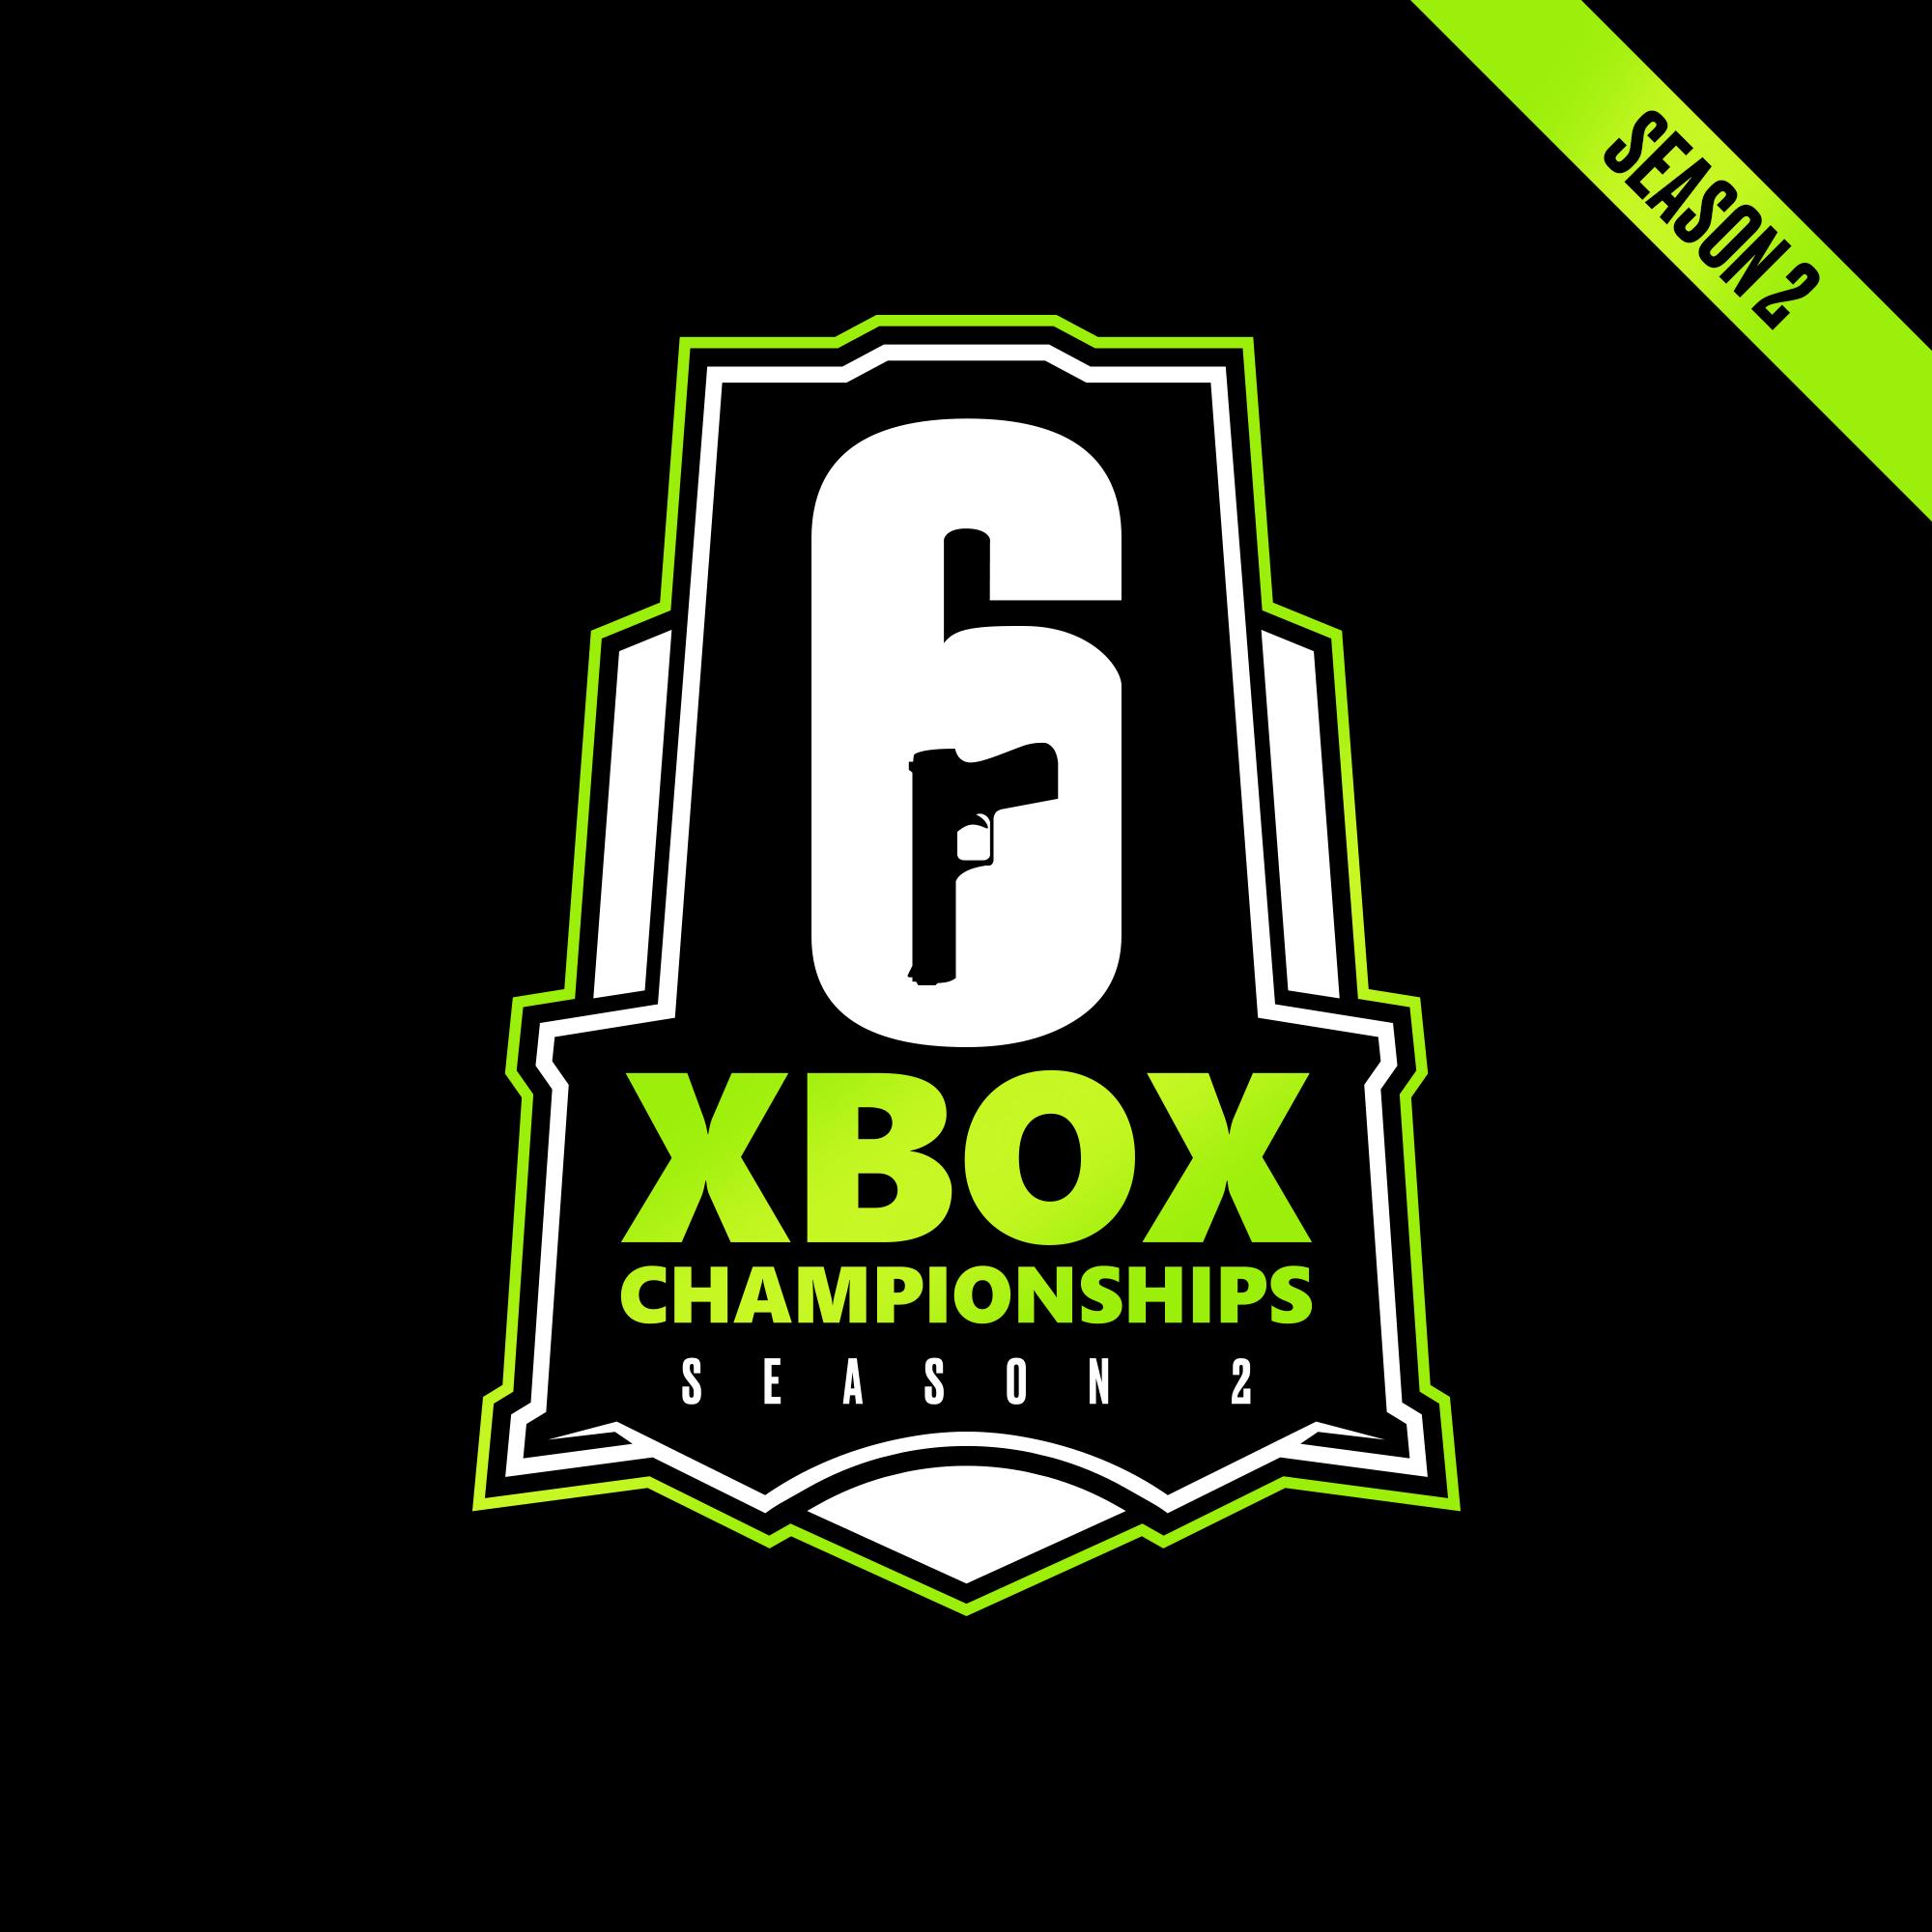 Logo Turnier R6S Xbox Championships Season #2 [Quali 3]